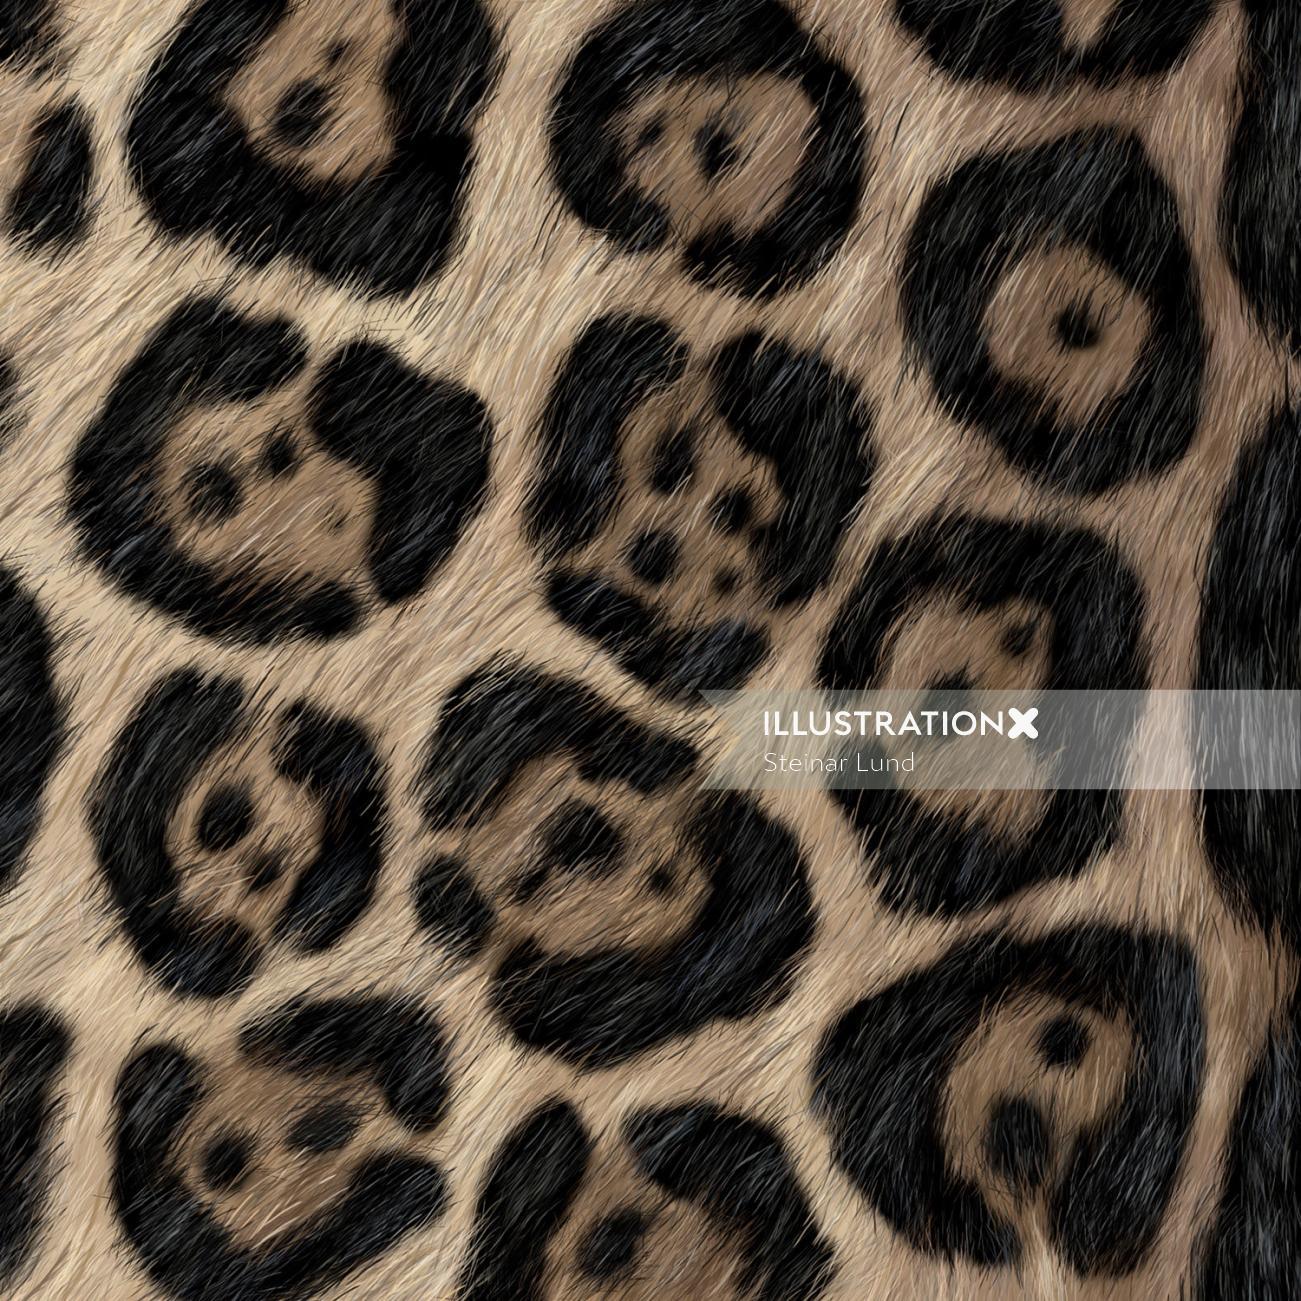 Animals Up close detail of Jaguar fur.